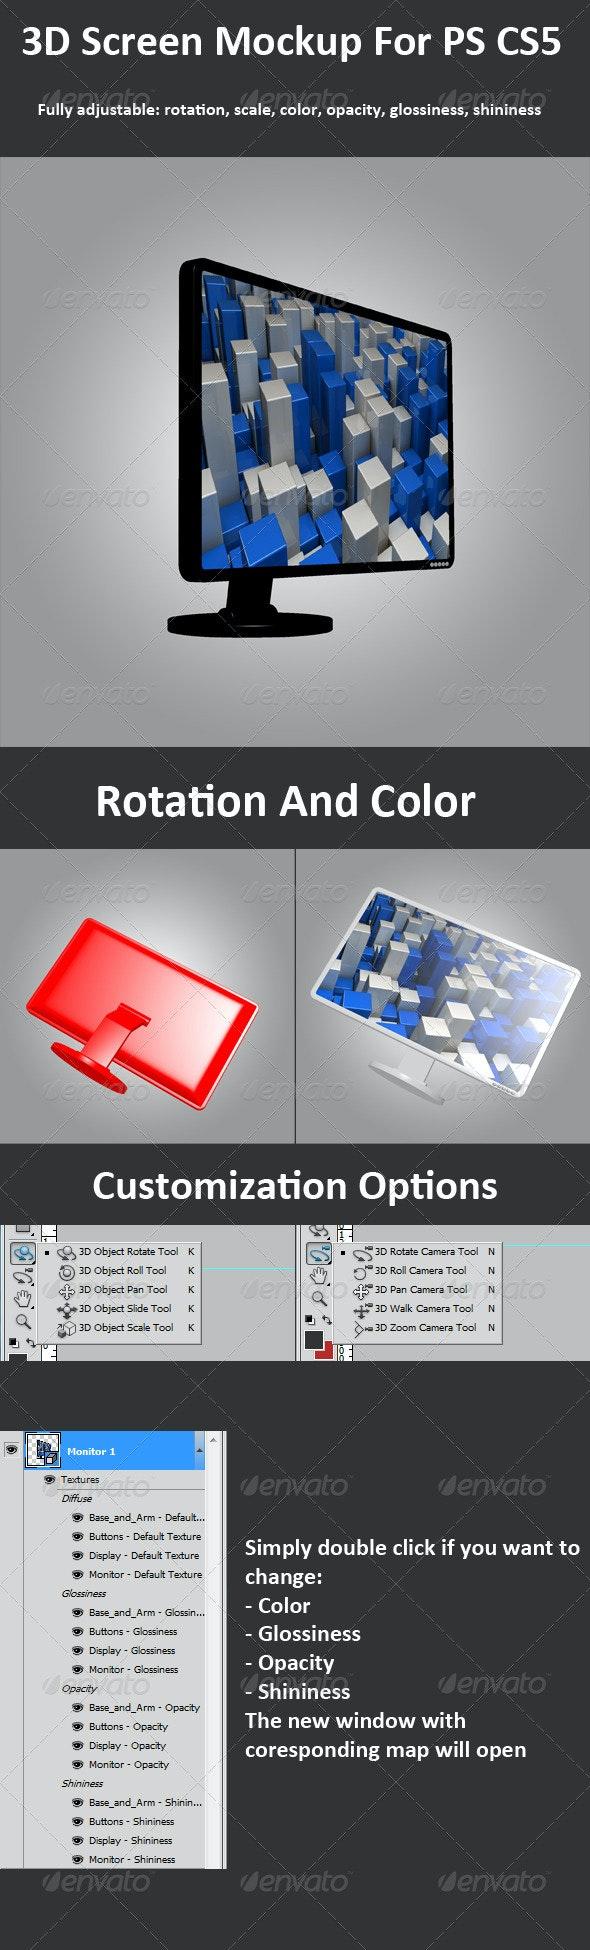 3D Screen-Monitor Mockup For PS CS5, 3D Options - Monitors Displays